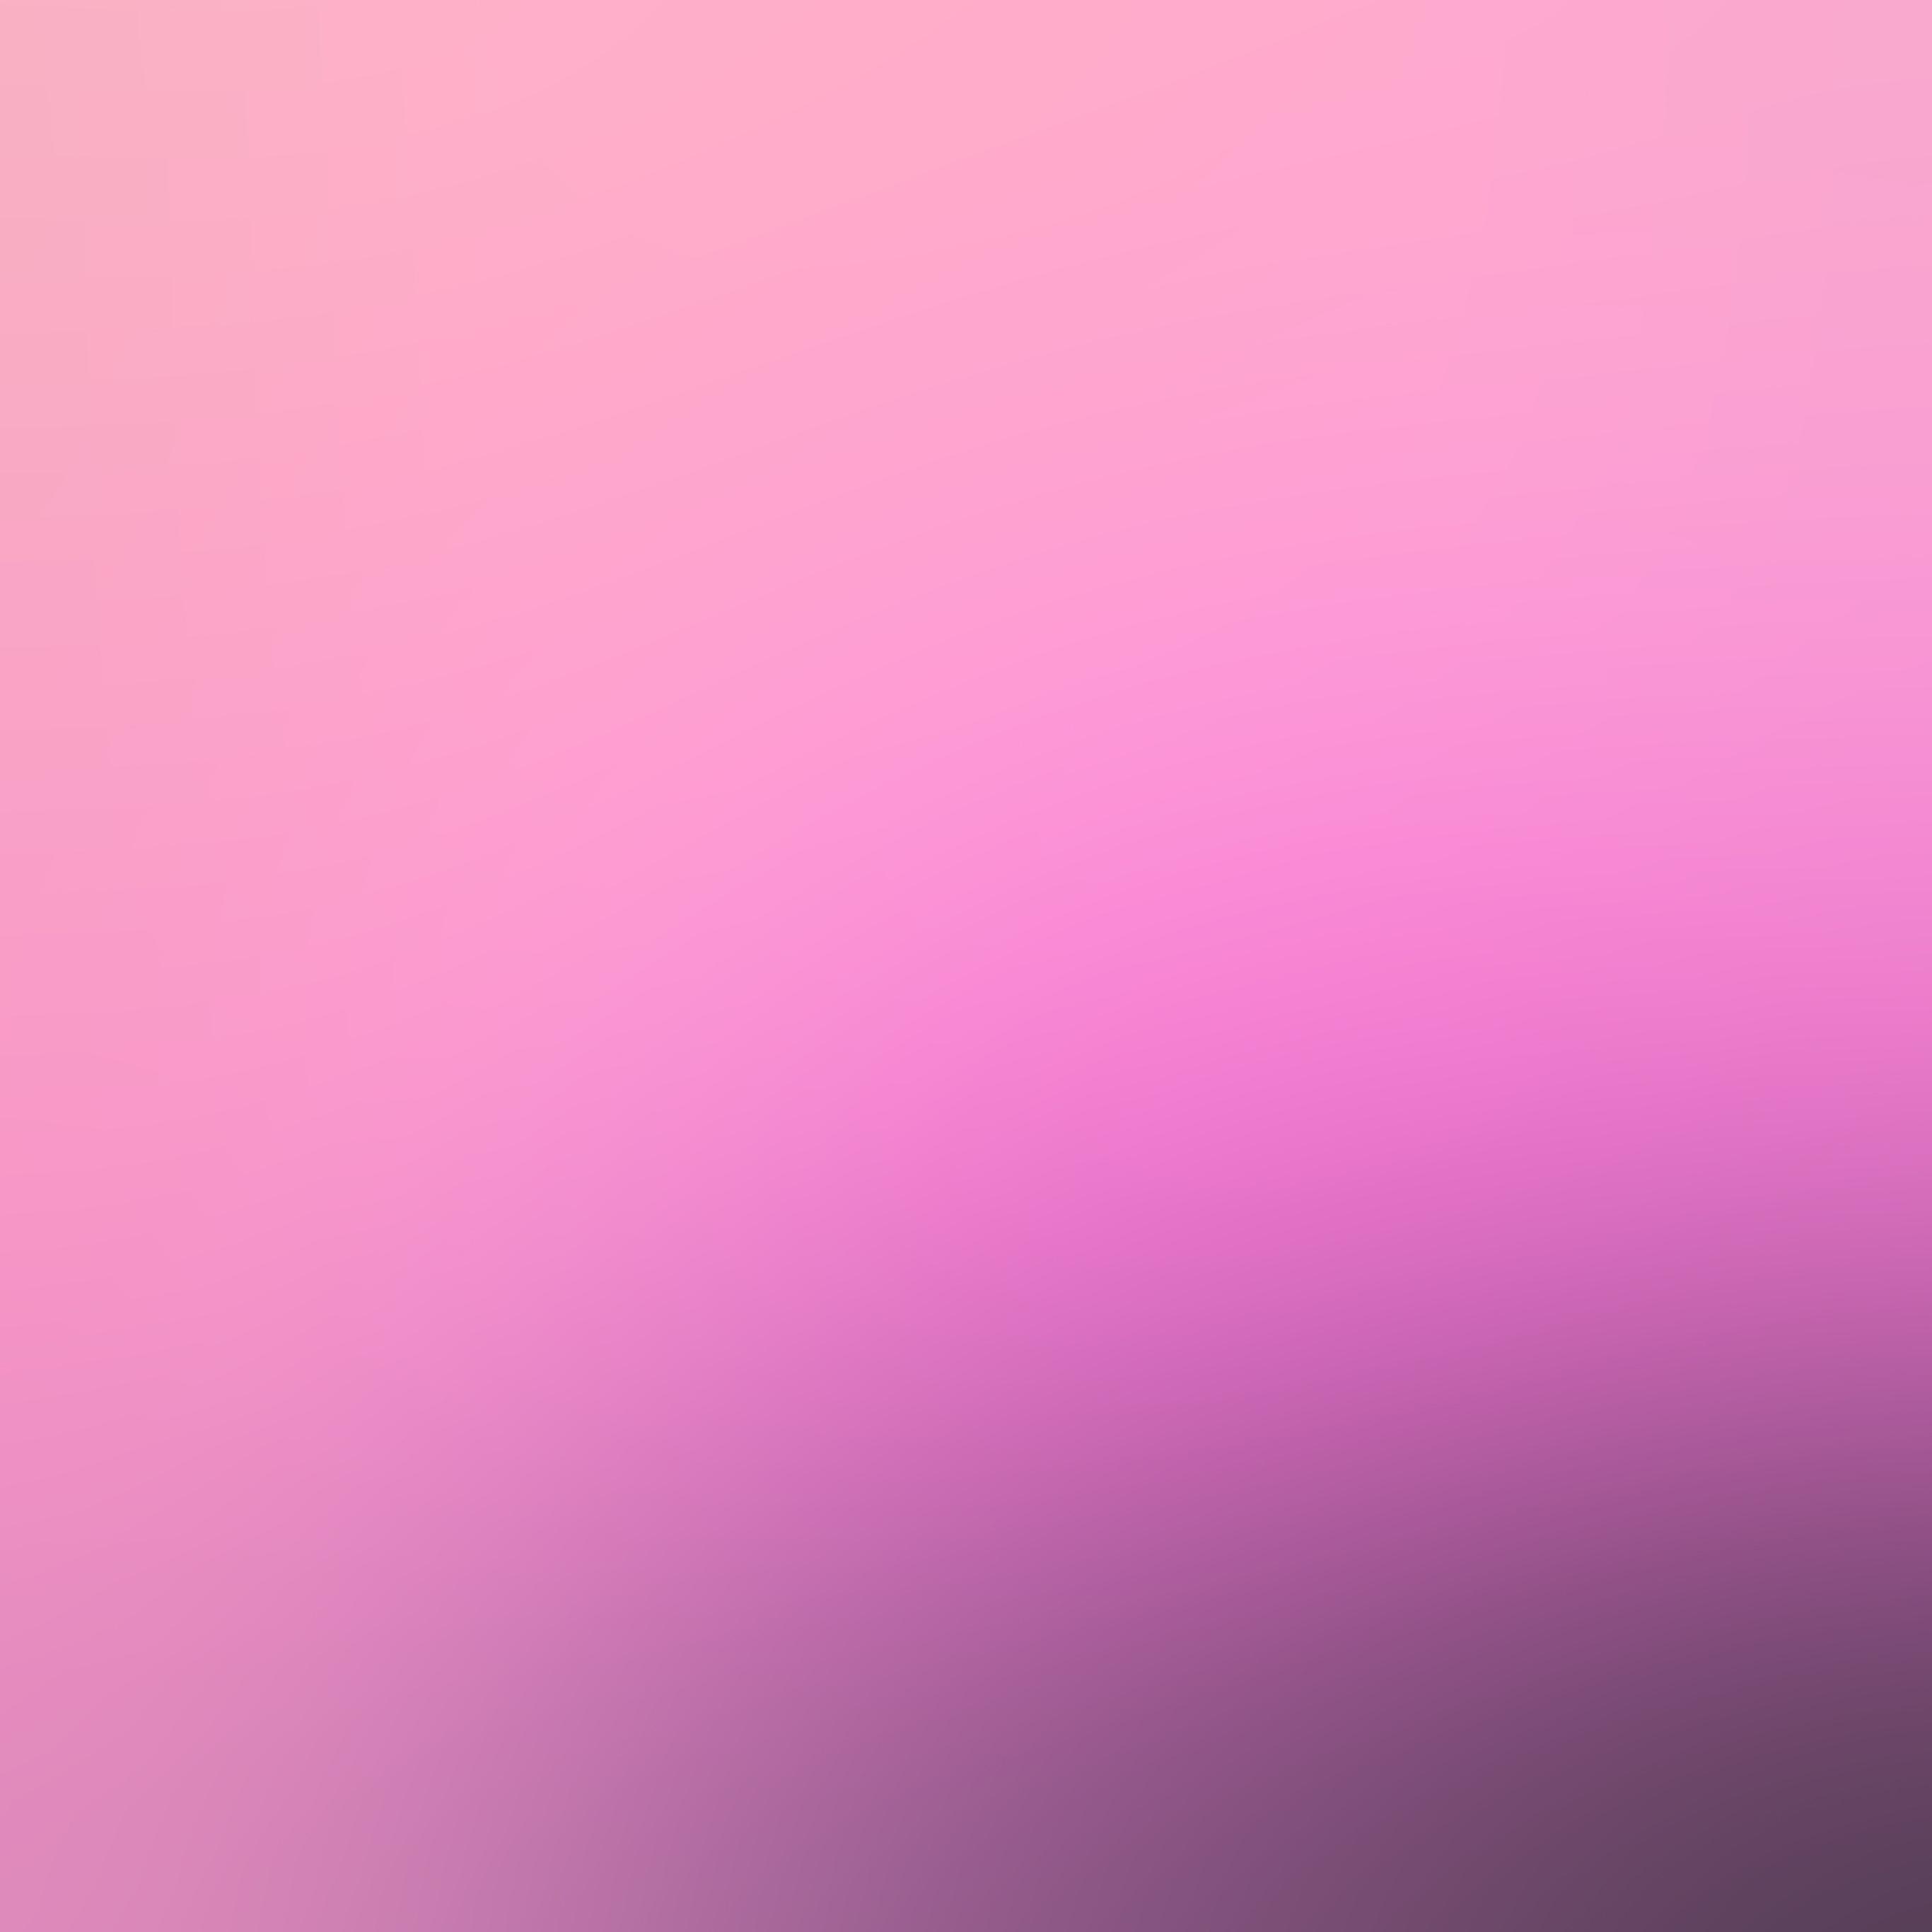 Pink Nude Photos 28